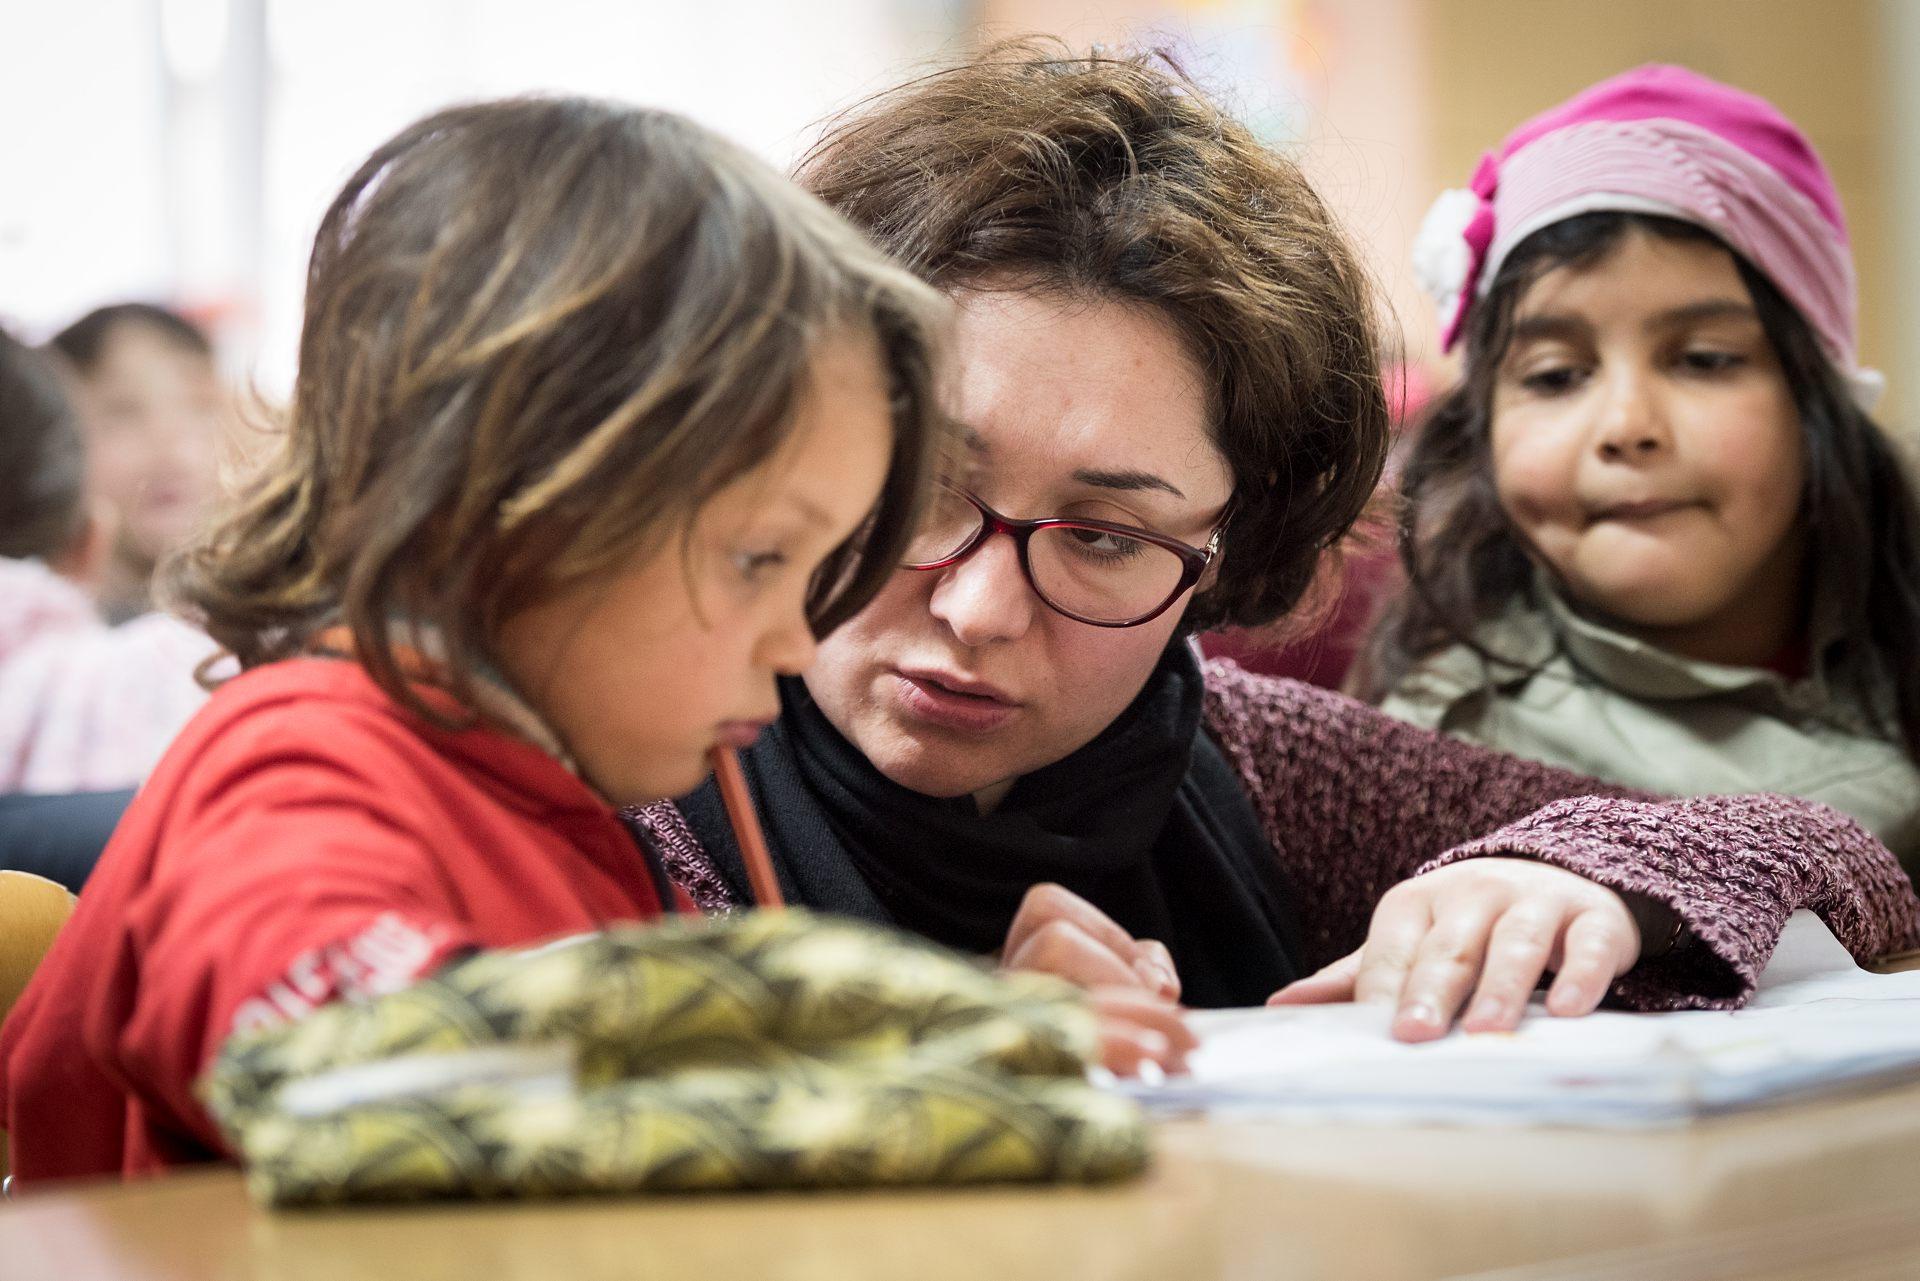 Christina följer alla barnen noga och har ett nära samarbete med lärarna på FUP:s skola. Läraren Cornelia använder avslappningsövningarna som hon lärt sig av Christina. Det är en viktig del av skoldagen att få barnen att slappna av och fokusera. Foto: Gustaf Hellsing/IKON